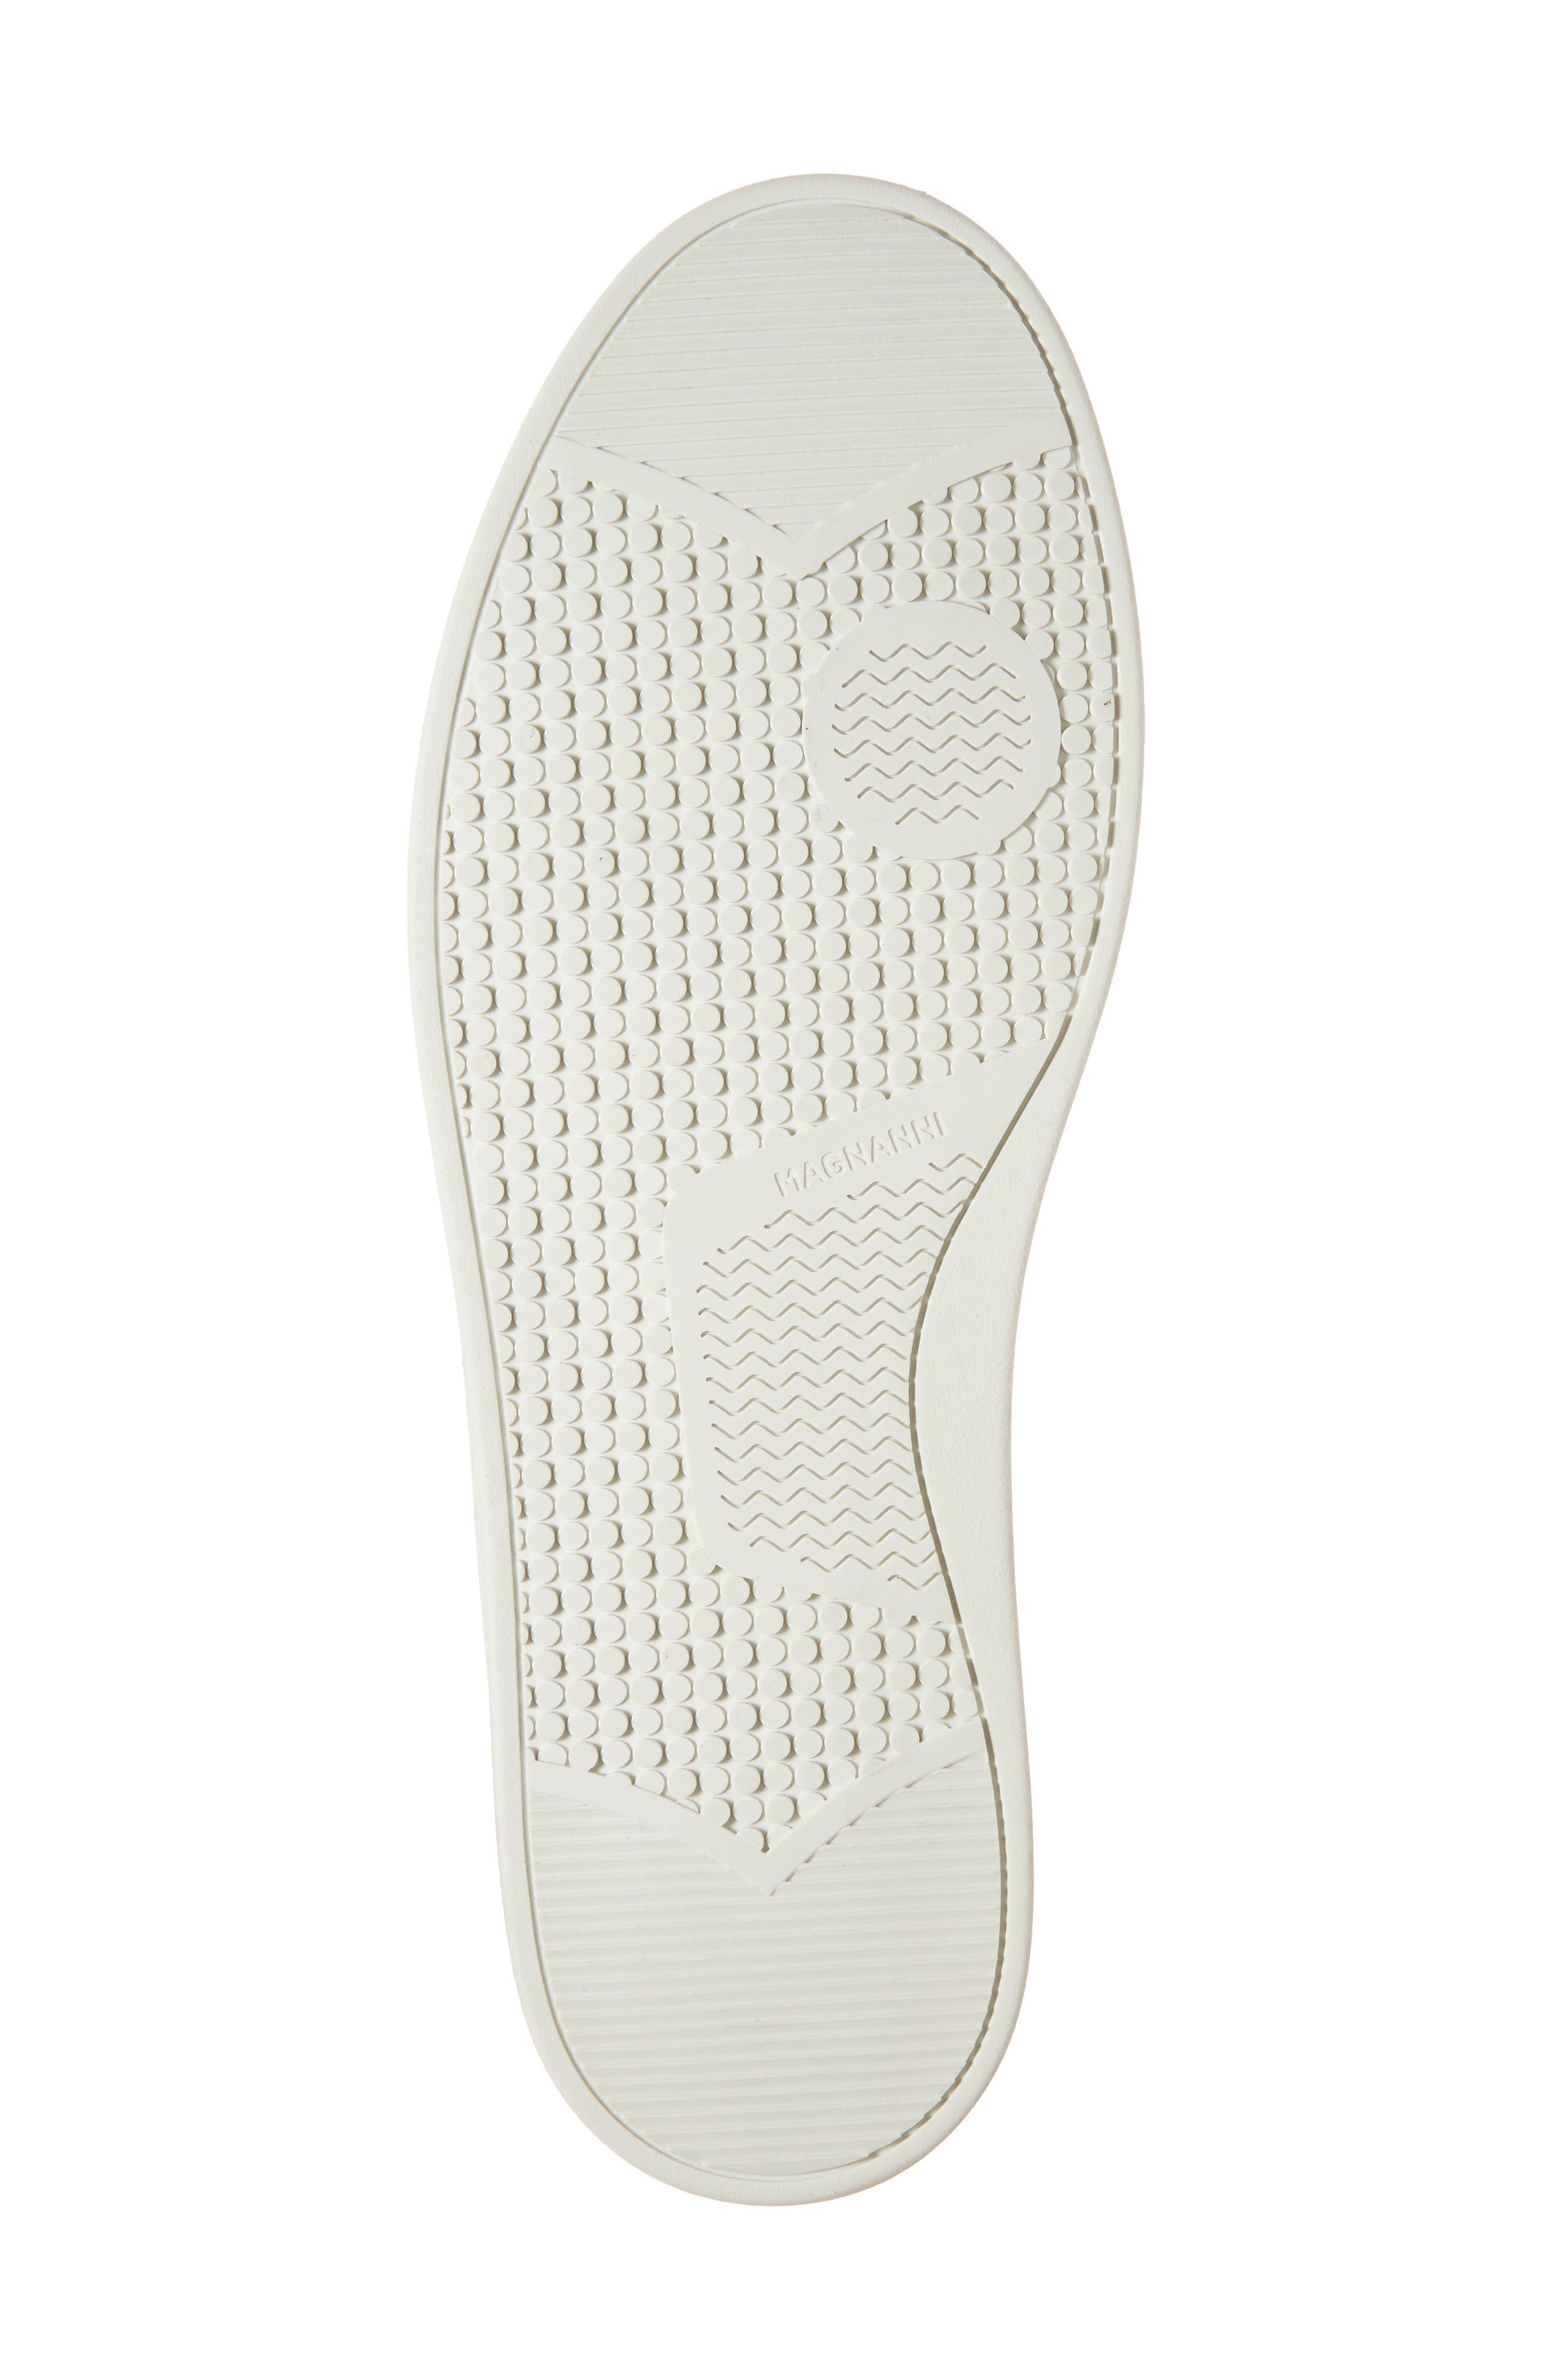 MAGNANNI,                             Juniper Brogued Low Top Sneaker,                             Alternate thumbnail 6, color,                             020